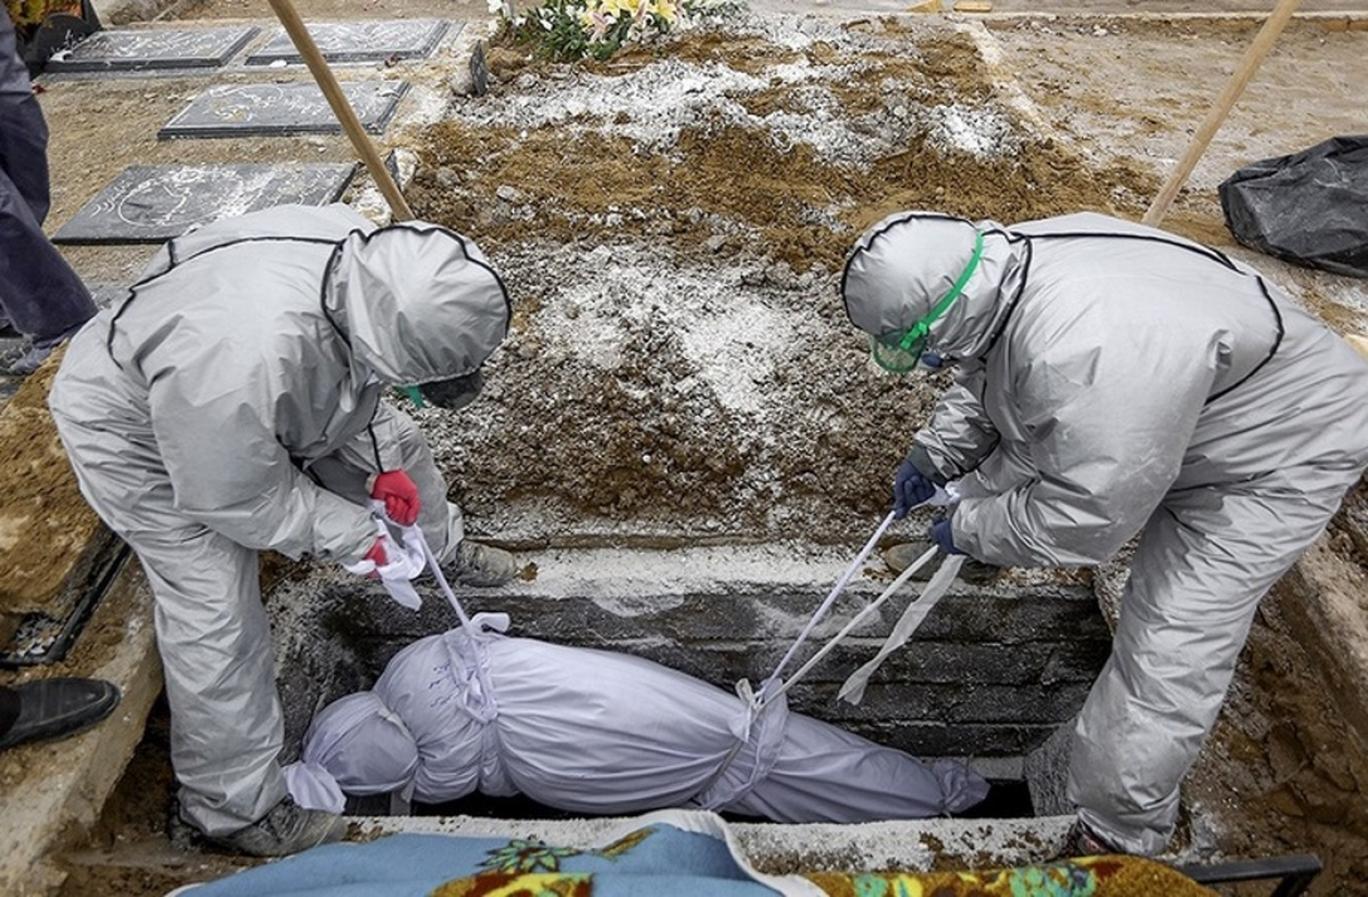 هندی ها بدین ترتیب مردگان را در تاج به خاک می سپارند / عکس |  آخرین خبرها